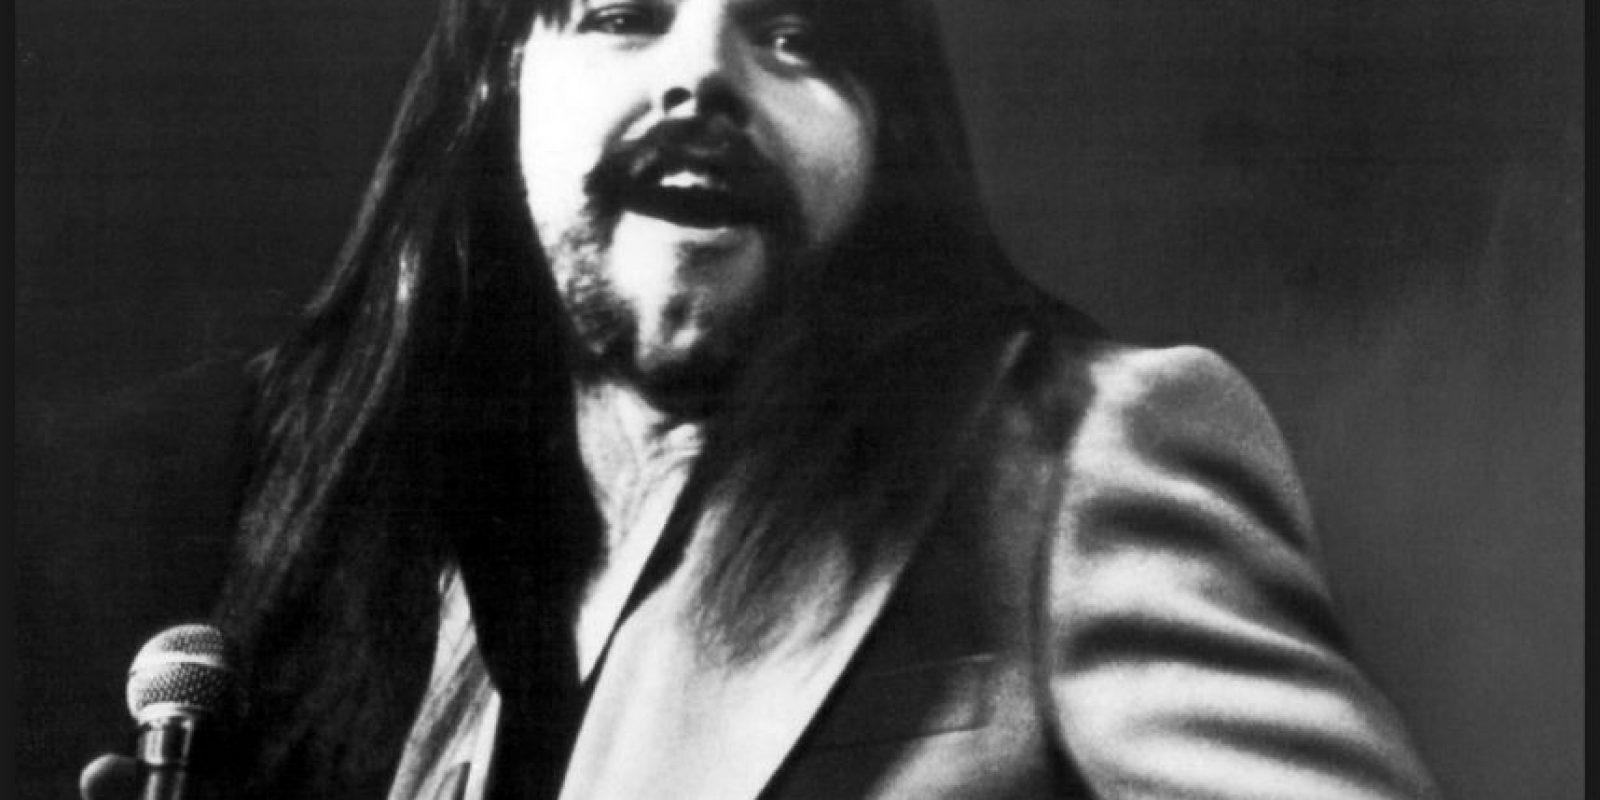 """Robert Clark """"Bob"""" Seger, músico de rock estadounidense, tiene problemas con Apple desde 2011 Foto:Wikicommons"""